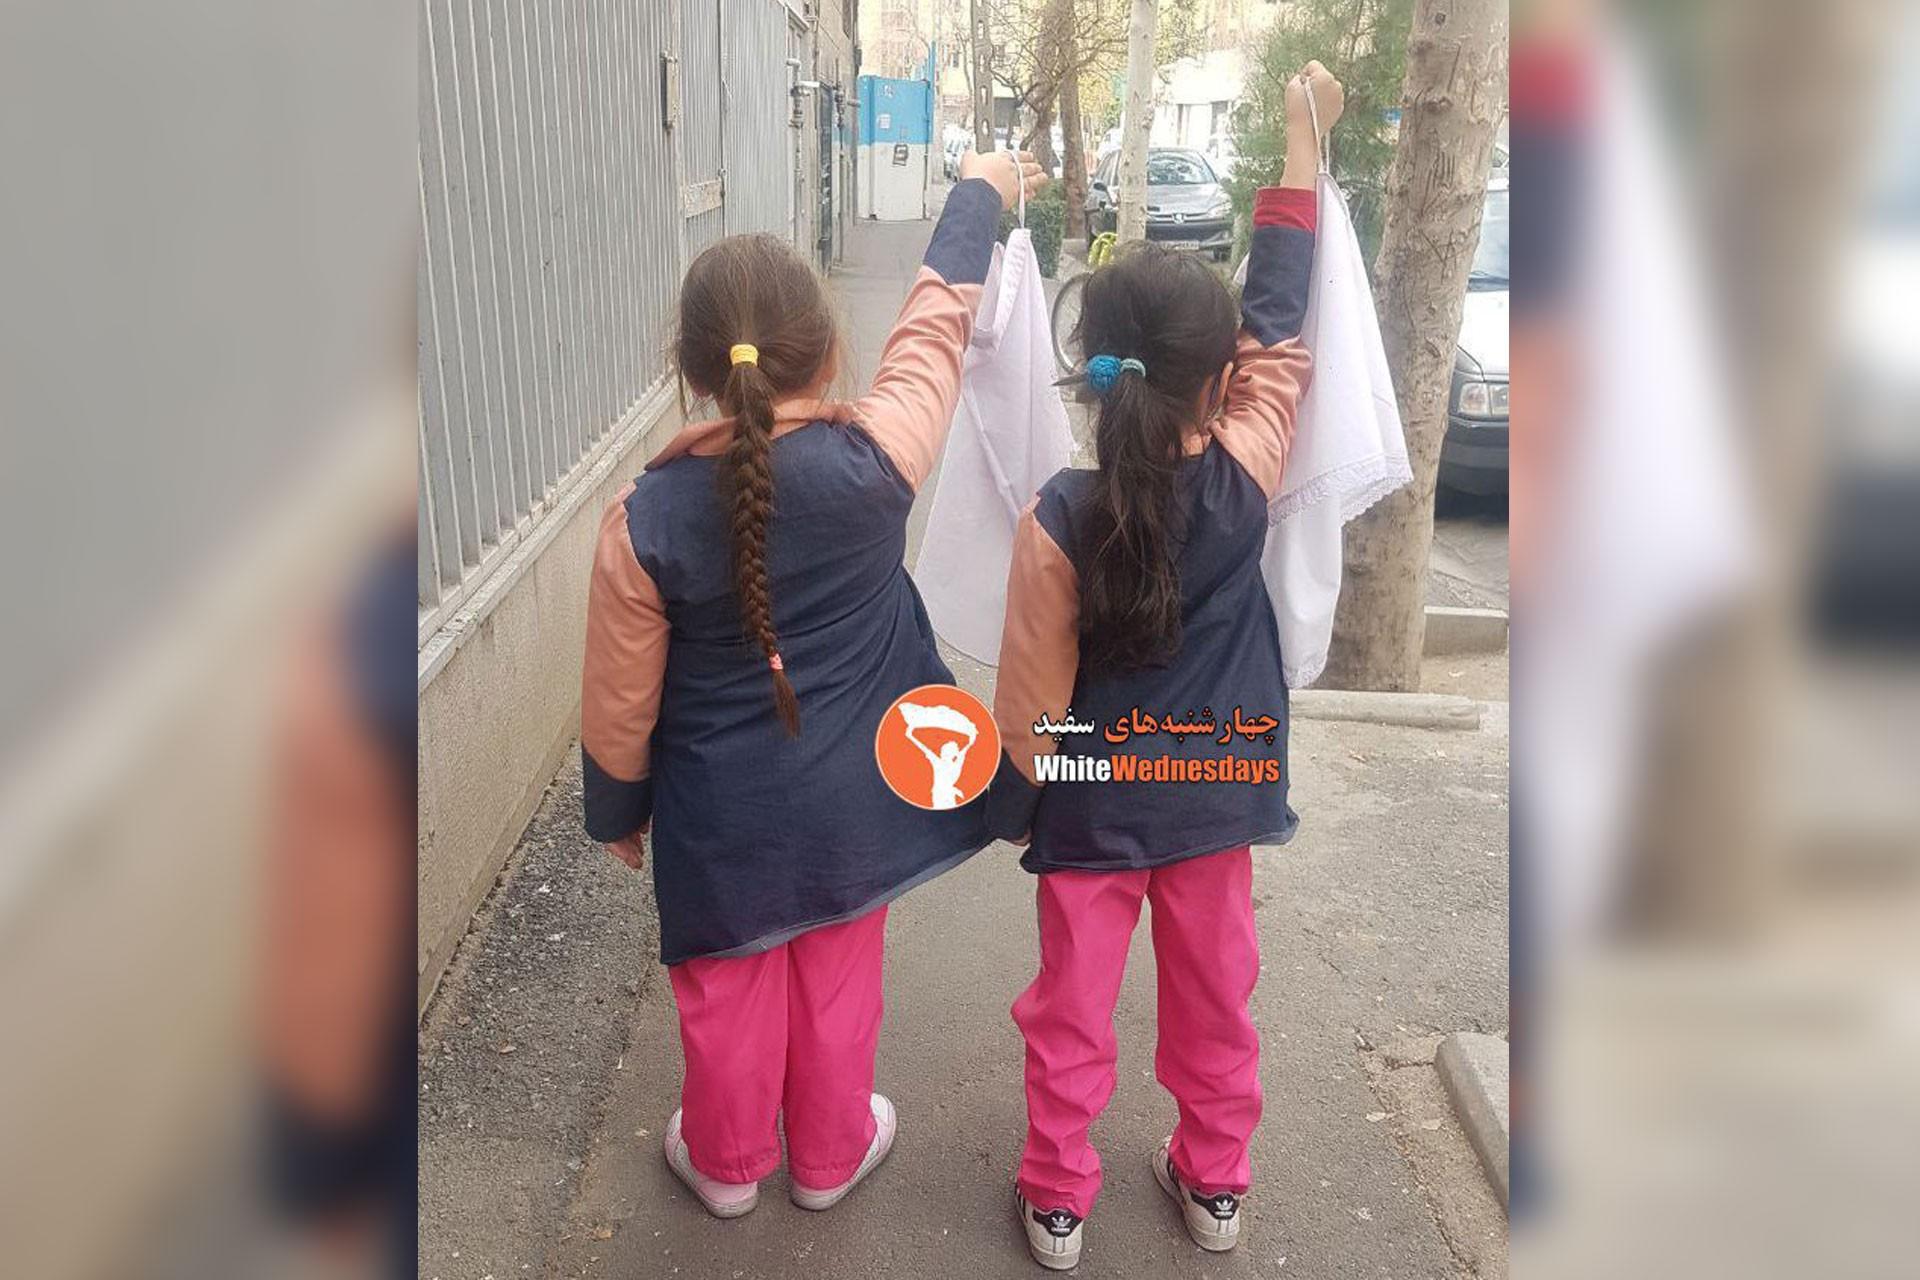 İran'da kadınların 'Beyaz Çarşambalar' eylemi okullara yayılıyor